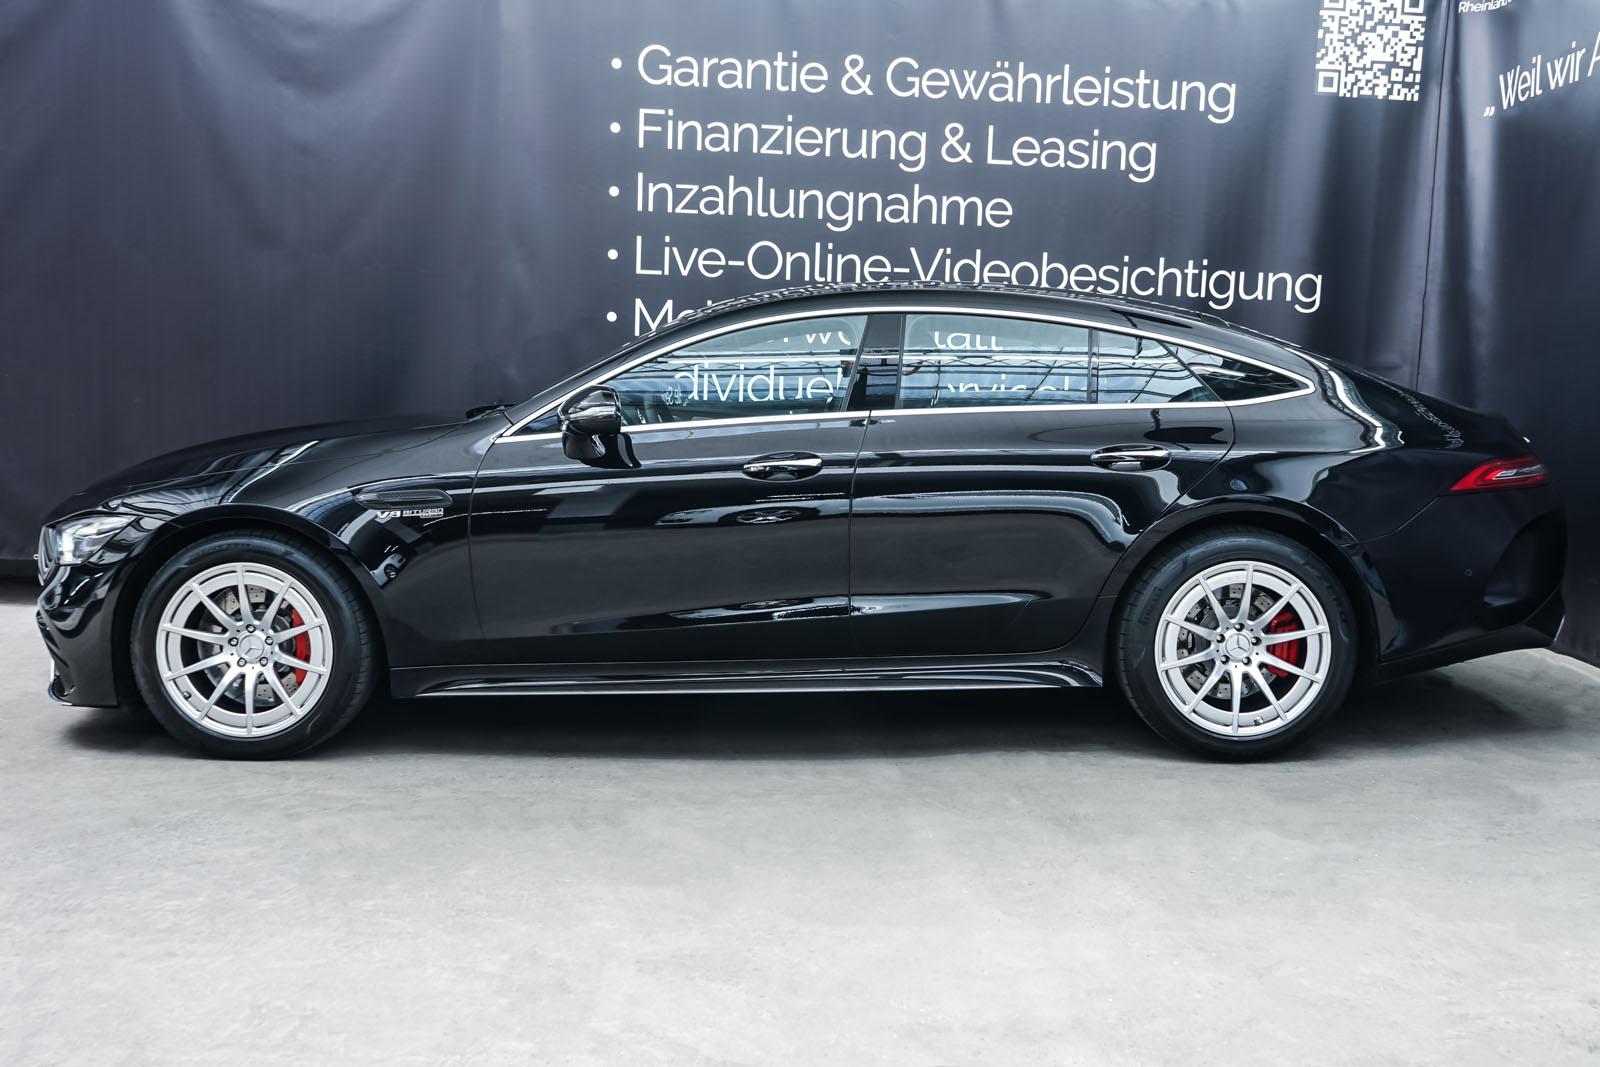 MercedesBenz_AMG_GT63_4MATIC+_Schwarz_Schwarz_5_w